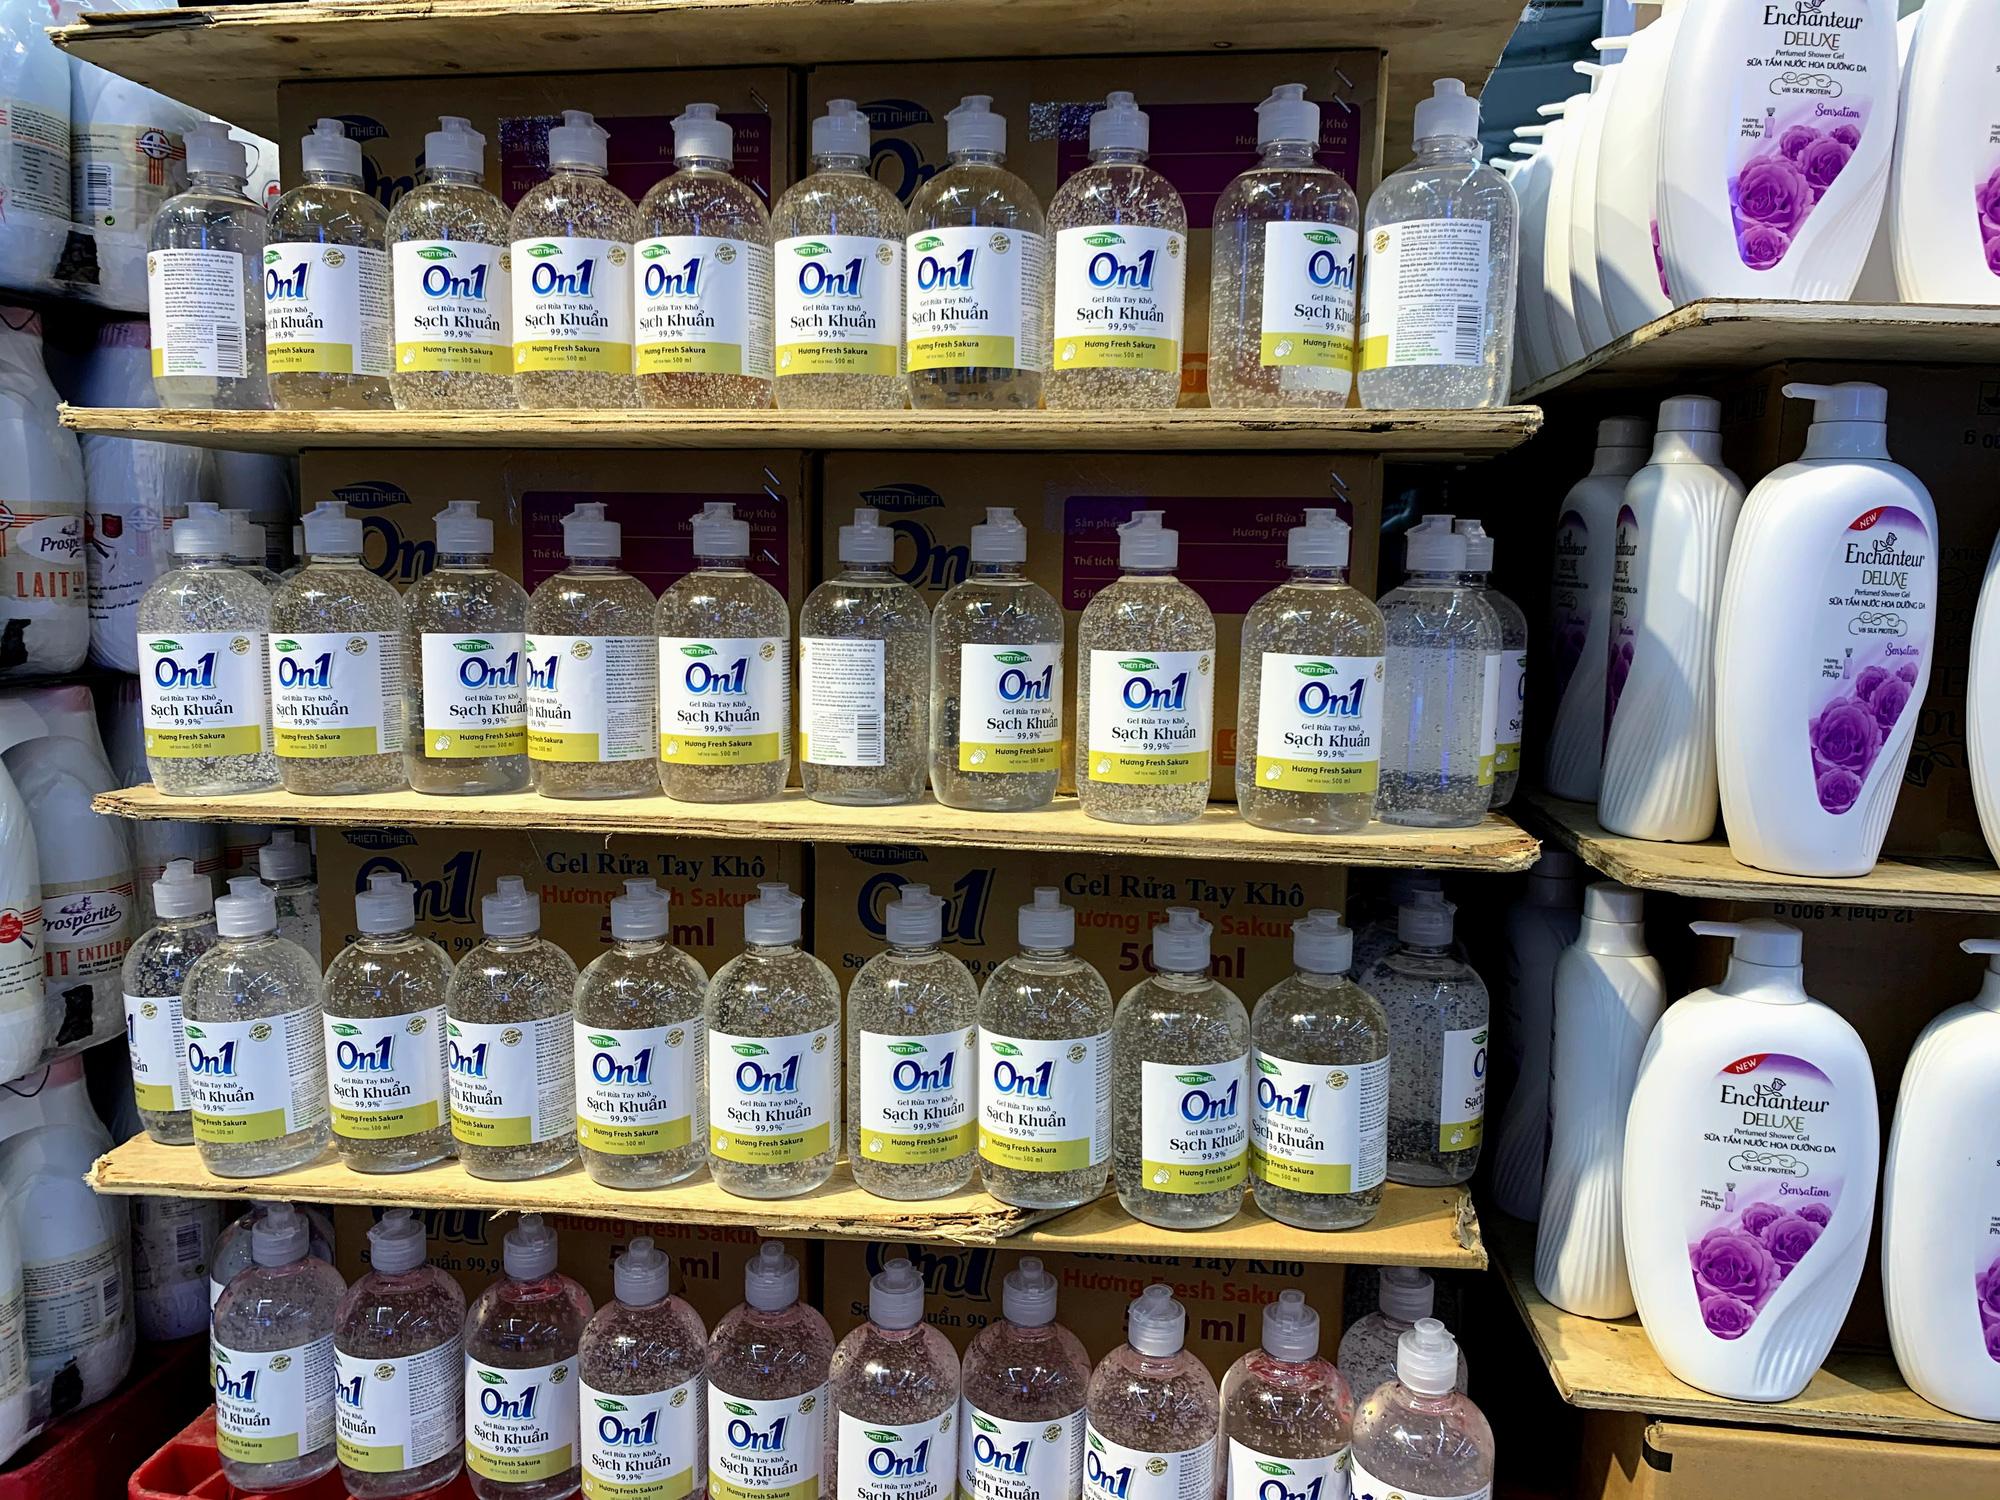 Ma trận nước rửa tay, gel sát khuẩn tại các siêu thị ở Hà Nội làm khó người tiêu dùng - Ảnh 1.